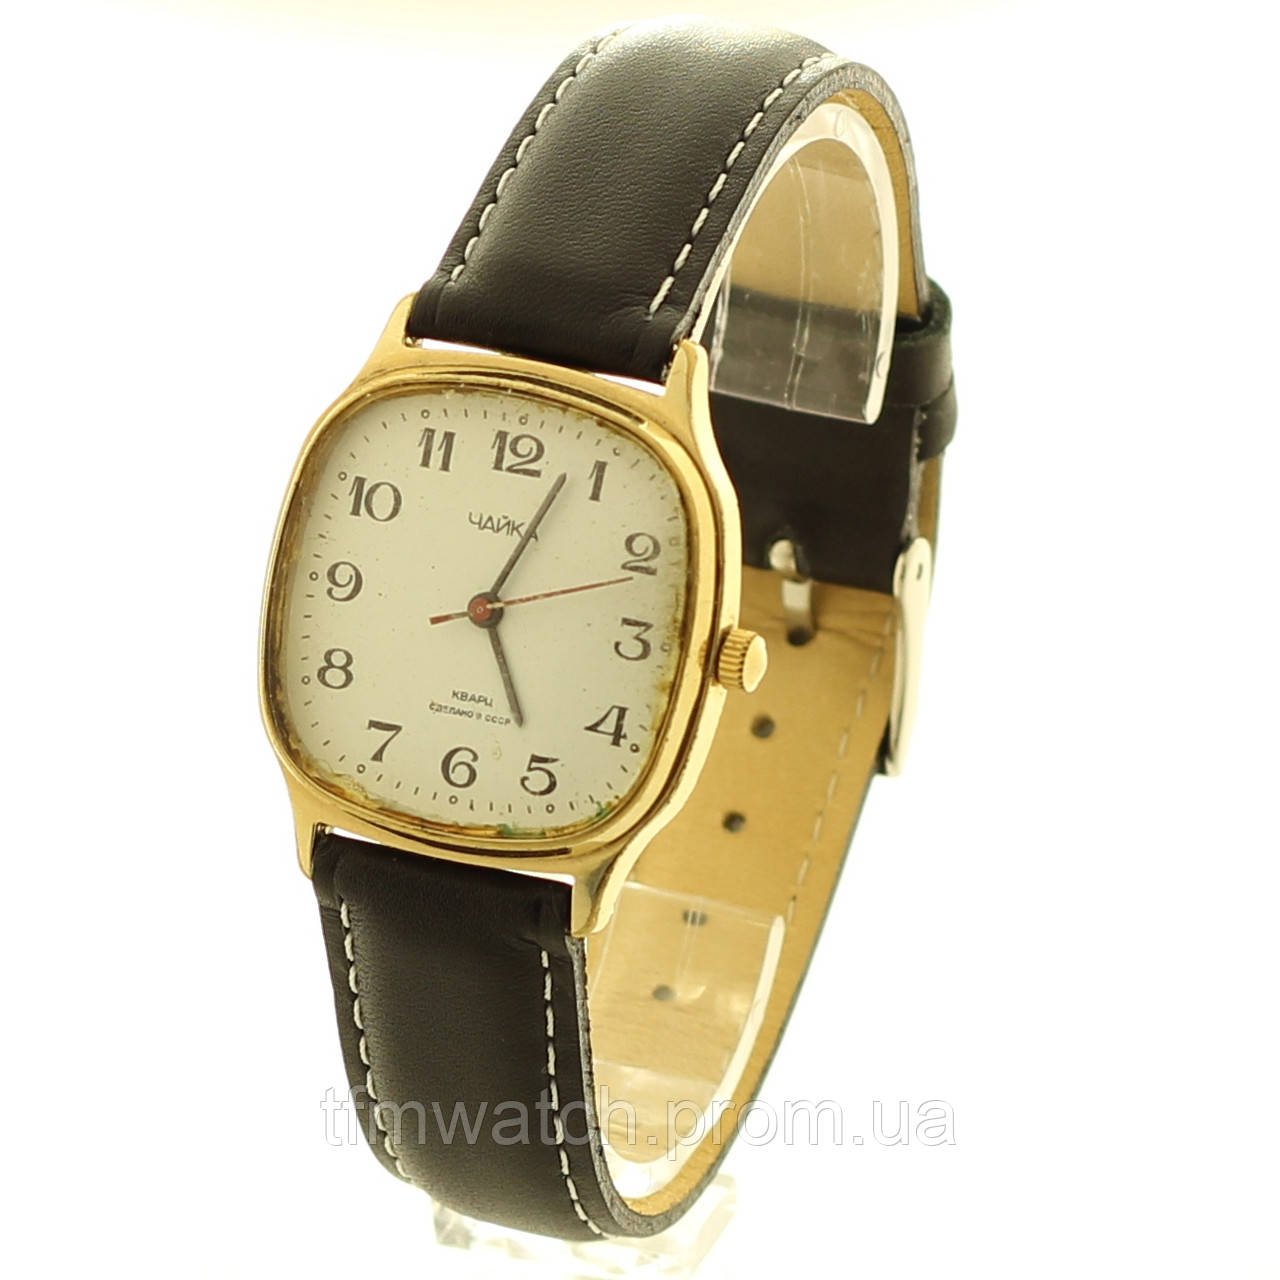 Наручные часы Чайка кварц СССР